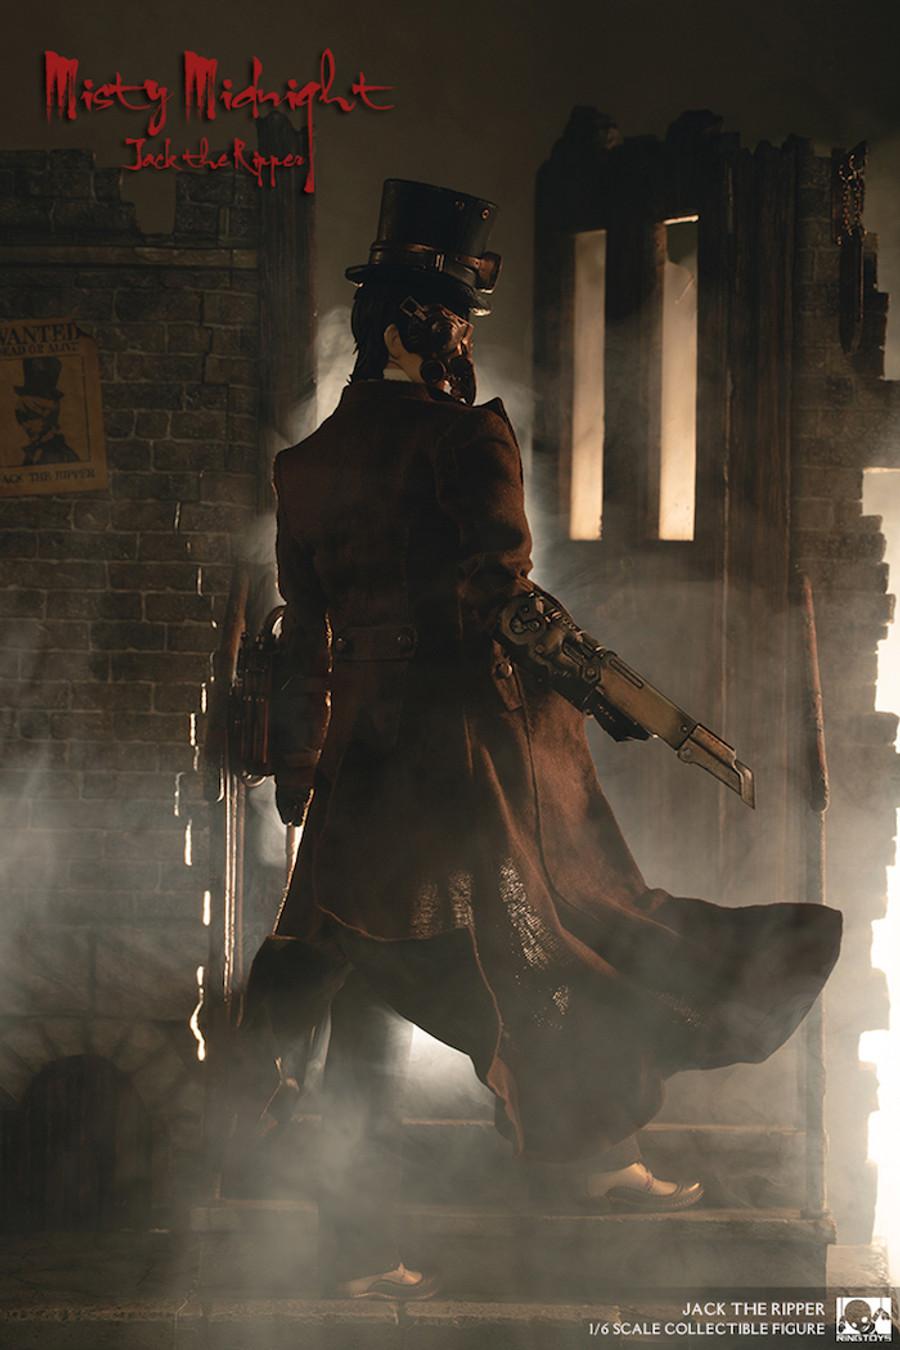 Ring Toys - Misty Midnight Jack The Ripper - Regular Version